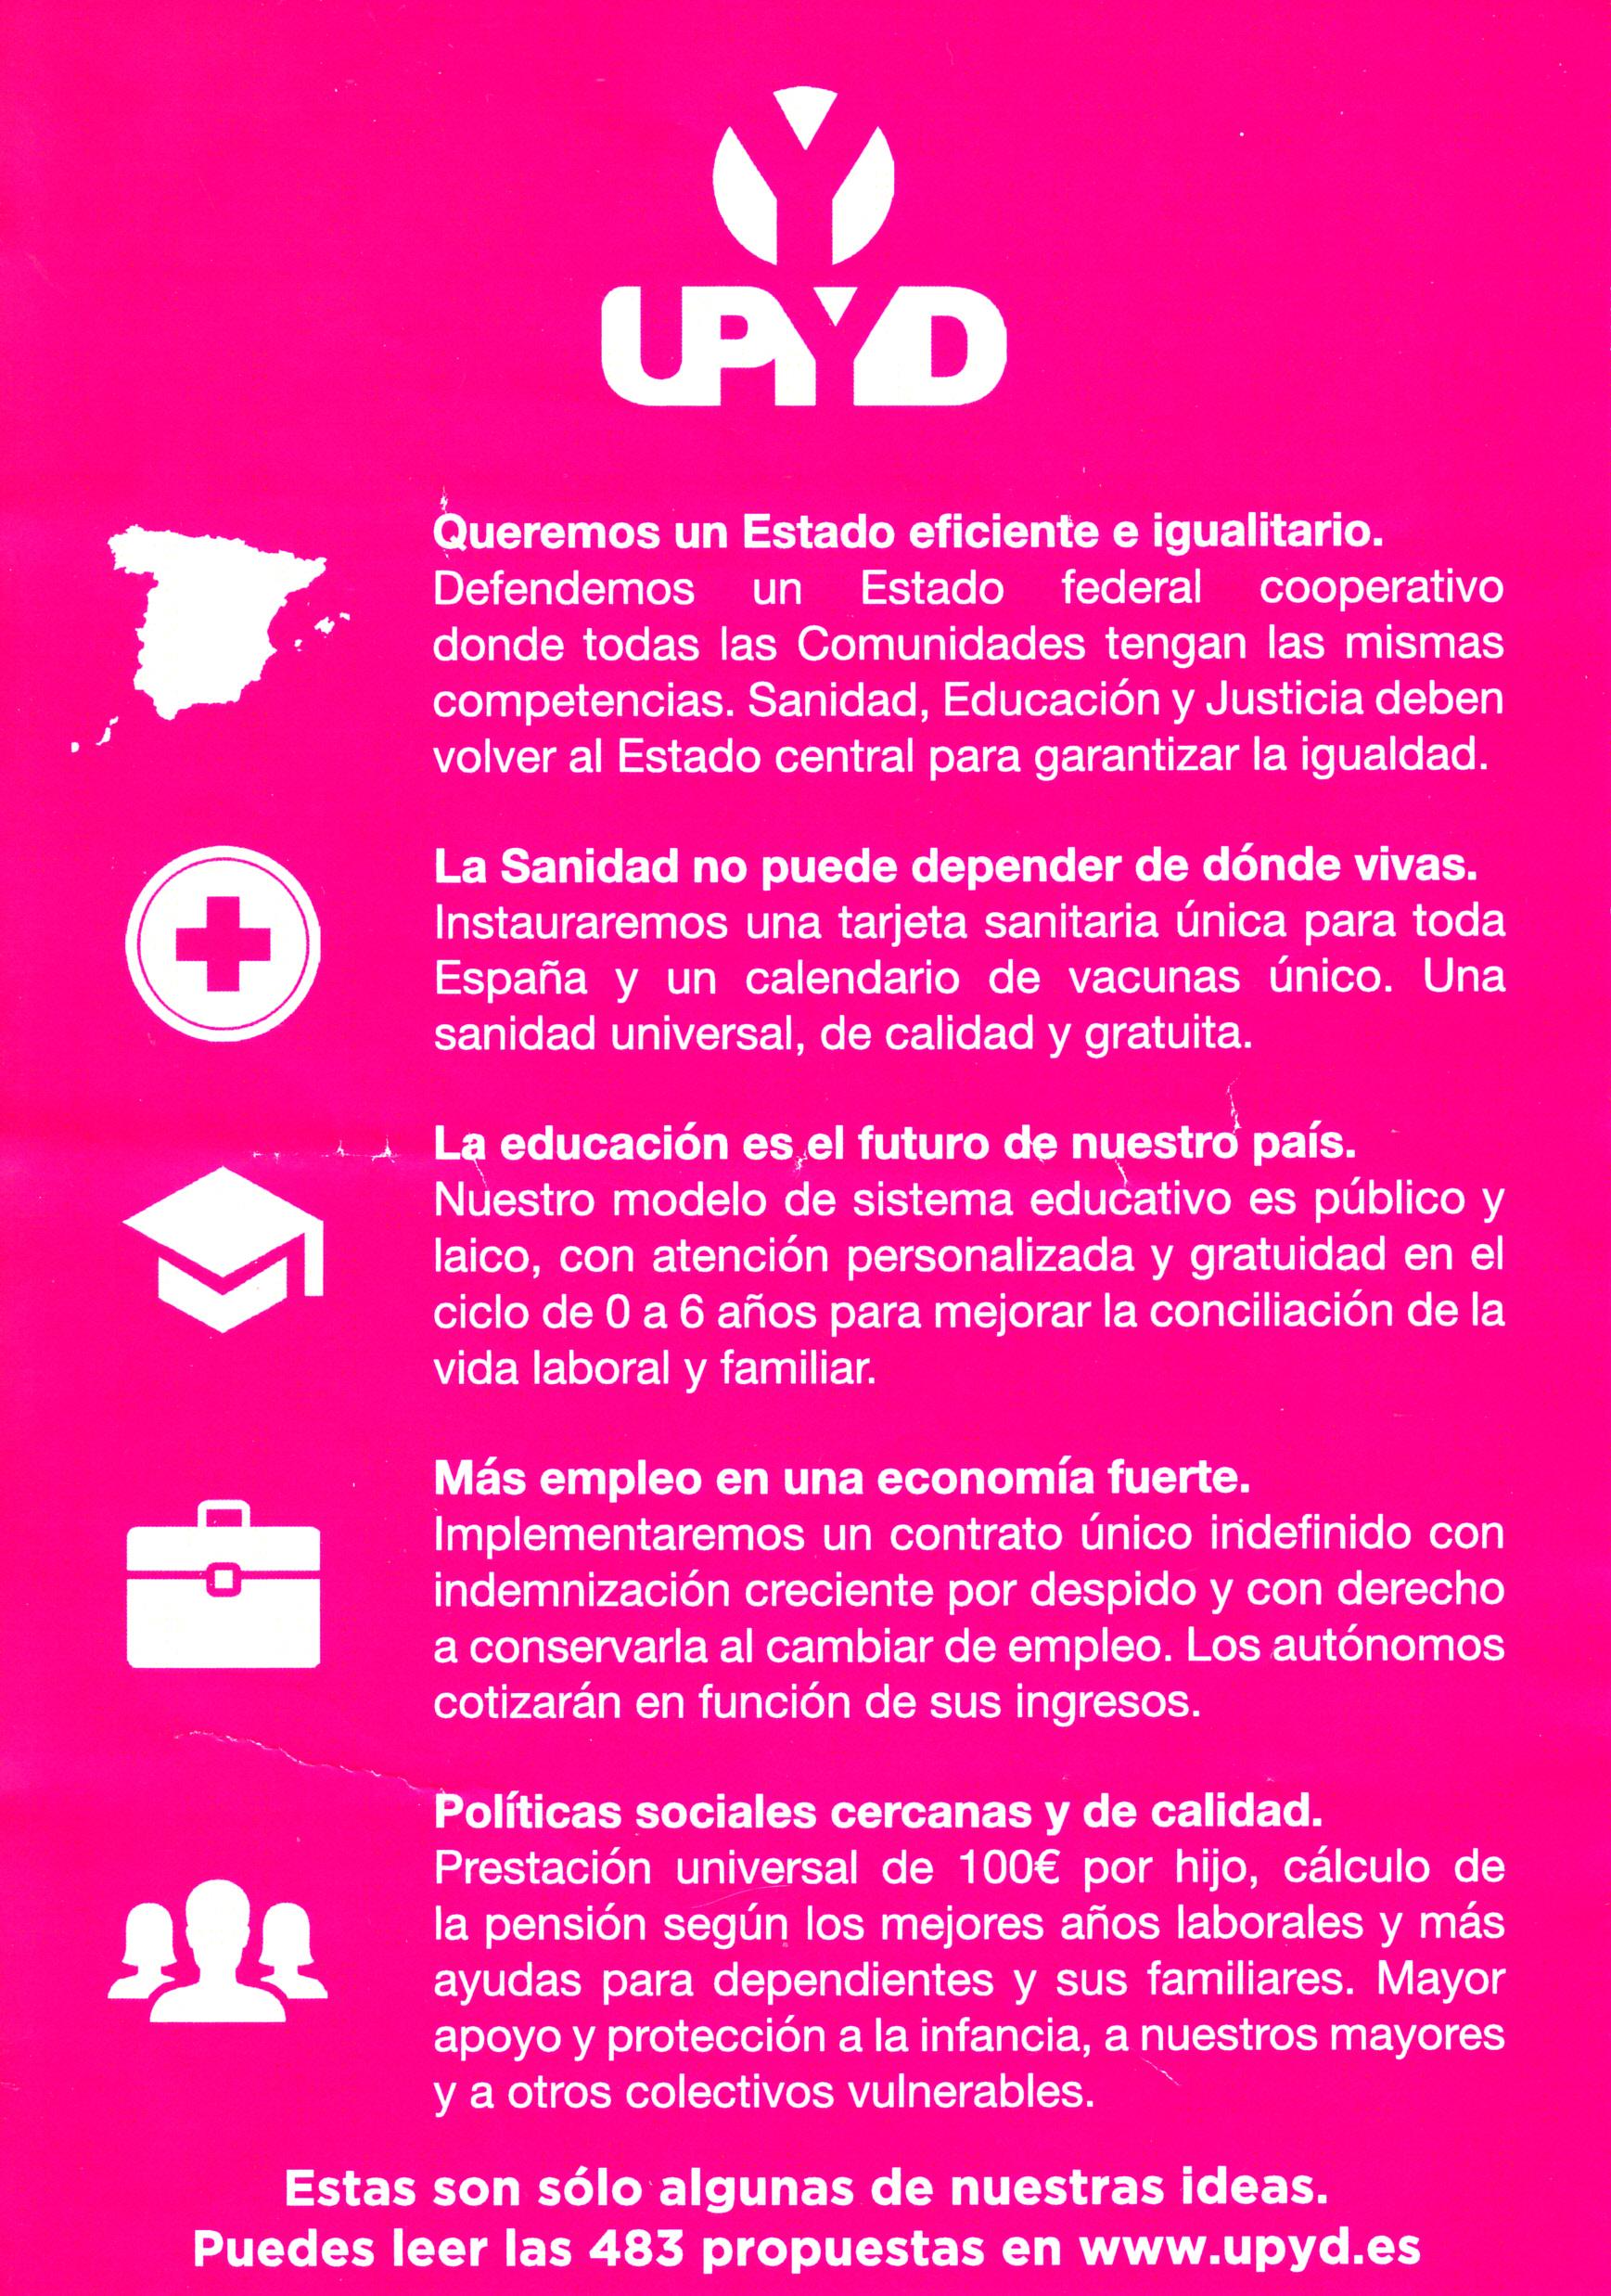 UPD_Asturias_2015_0002